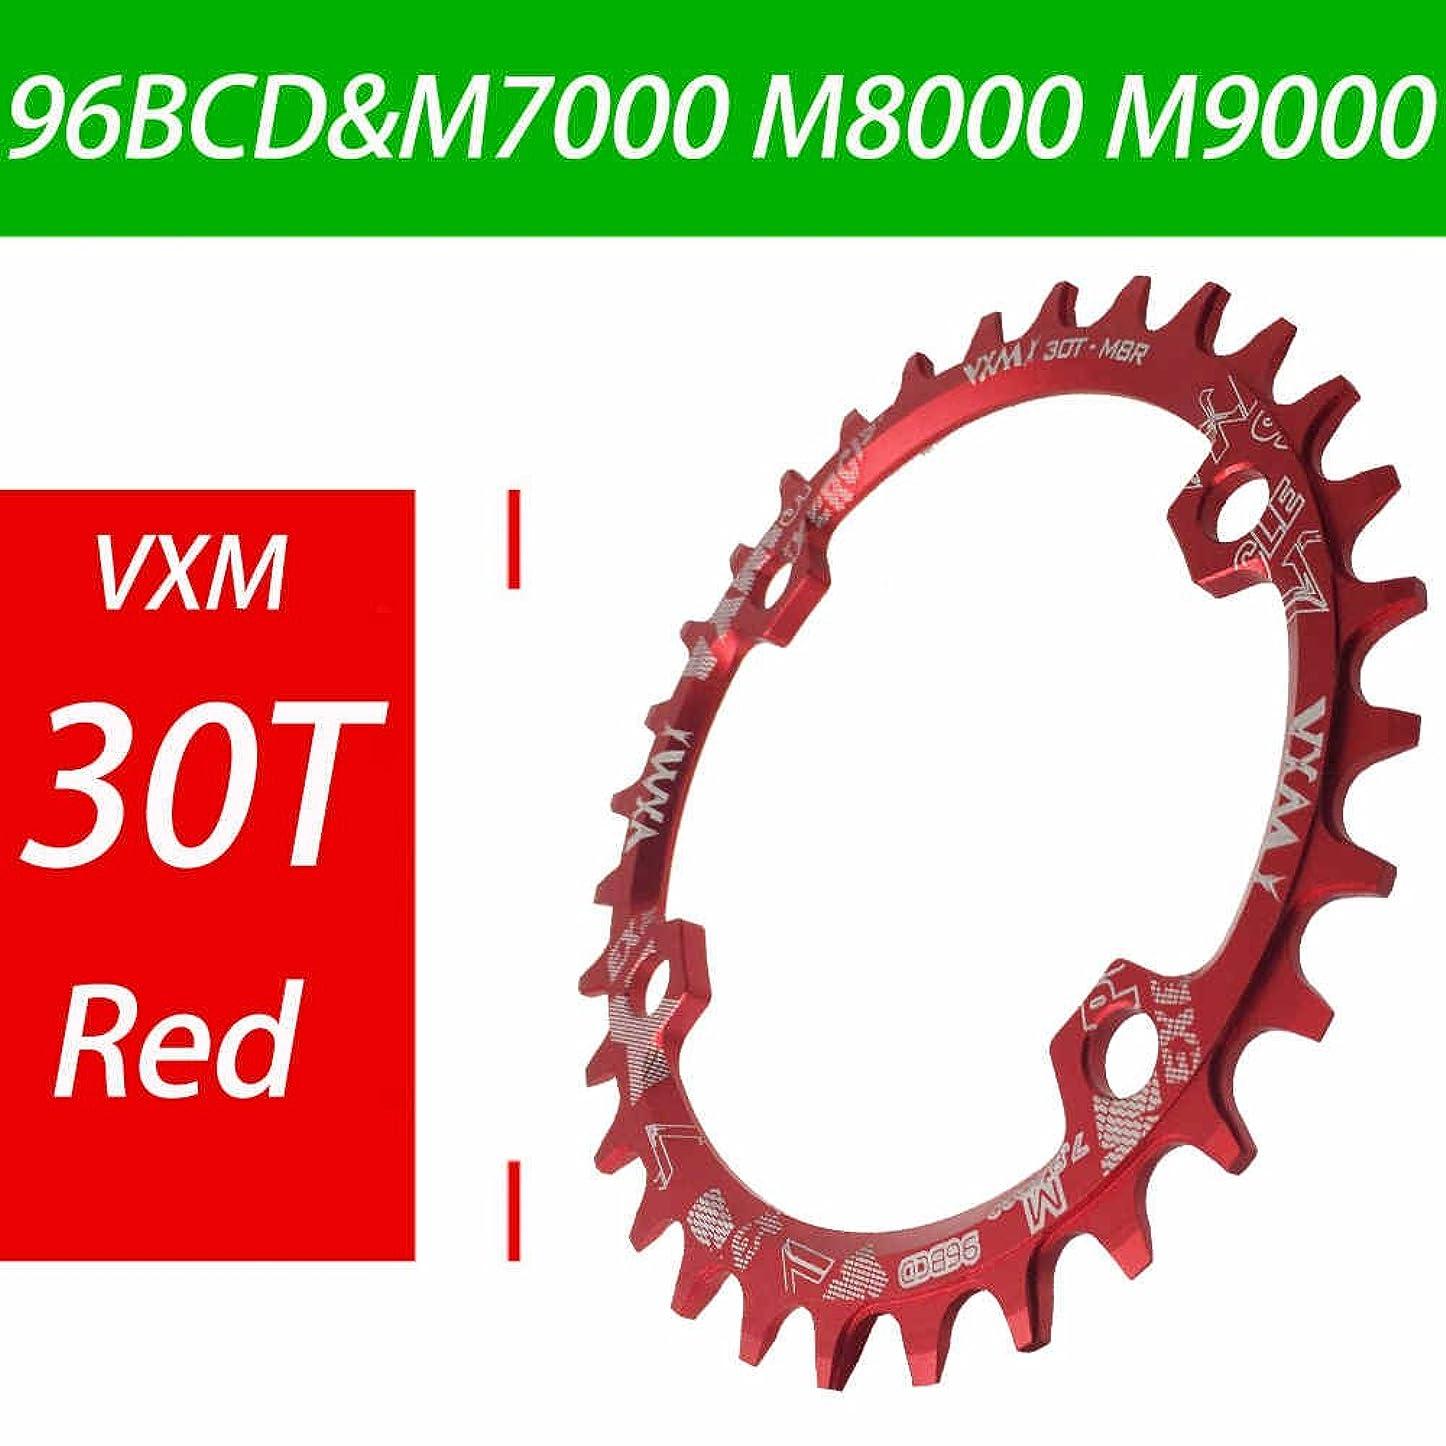 枯れるペダル安全性Propenary - Bicycle 96BCD Crank 30T Chainwheel Aluminum Alloy Round Chain ring Chainwheel Road Bicycle Chain ring for M7000 M8000 M9000 [ Red ]